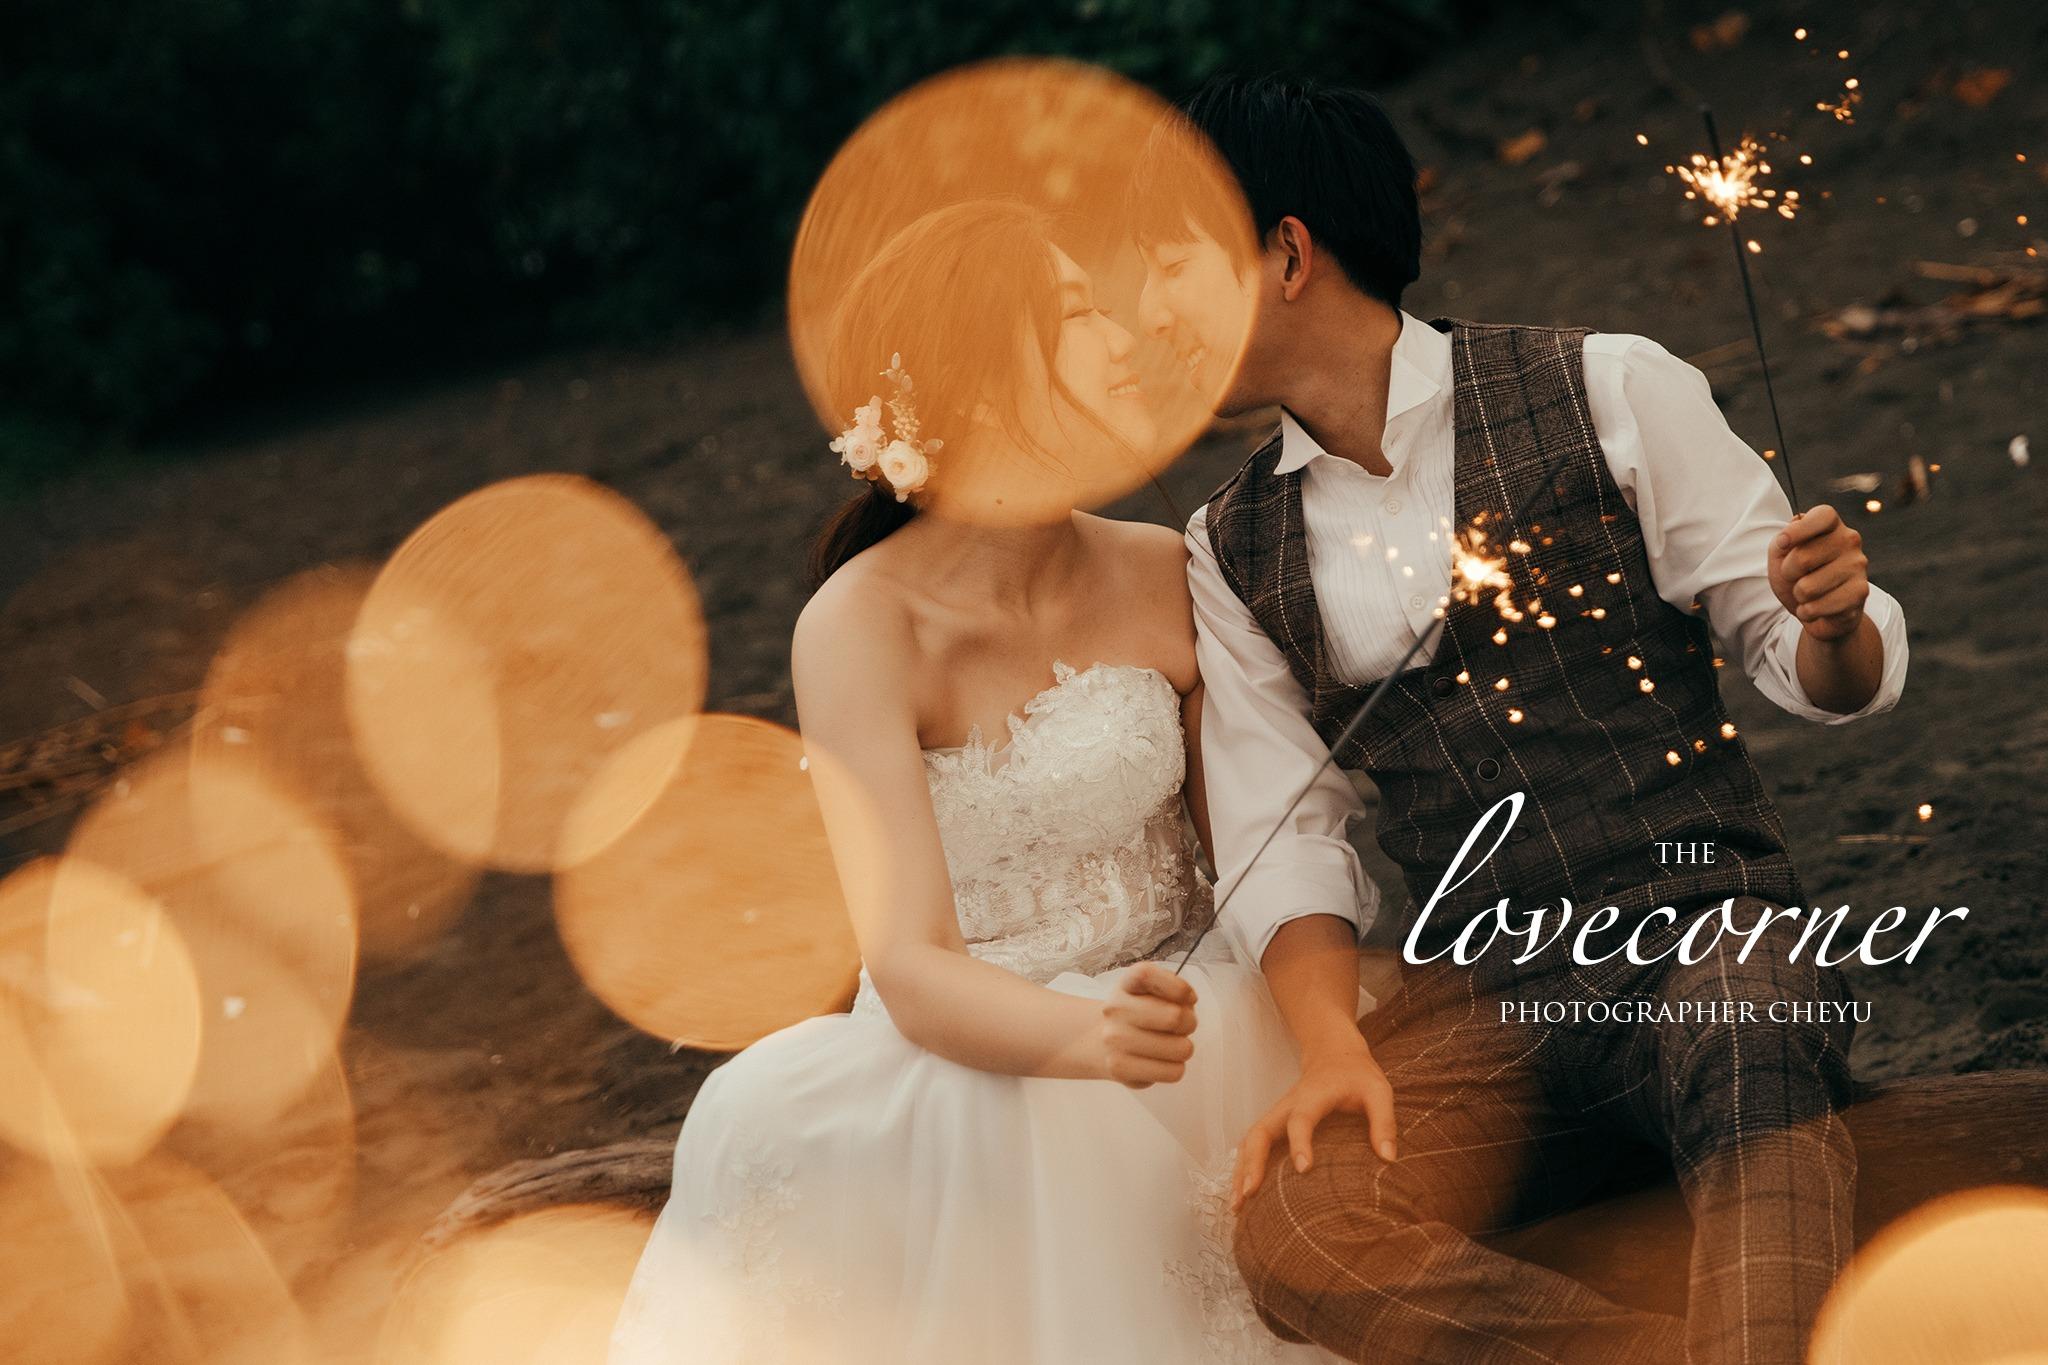 推薦台南自助婚紗|碰出愛情的火花|怒推仙女棒婚紗